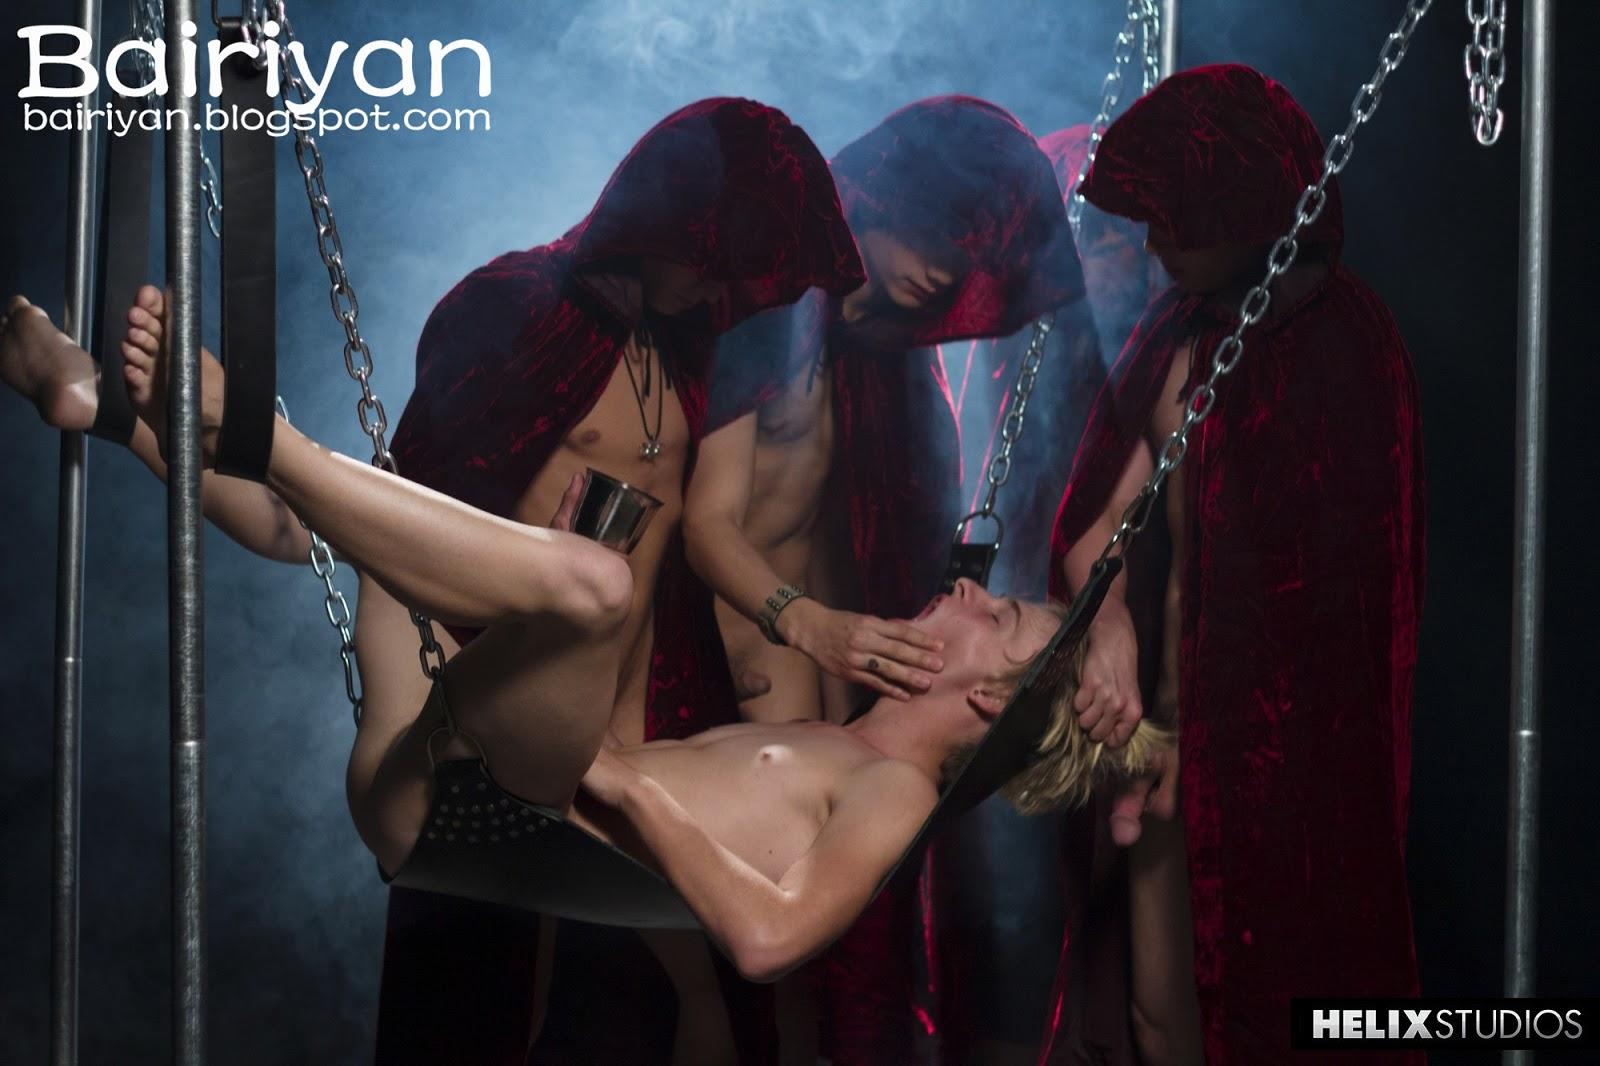 Сексуальные обряды видео Сером Медведе